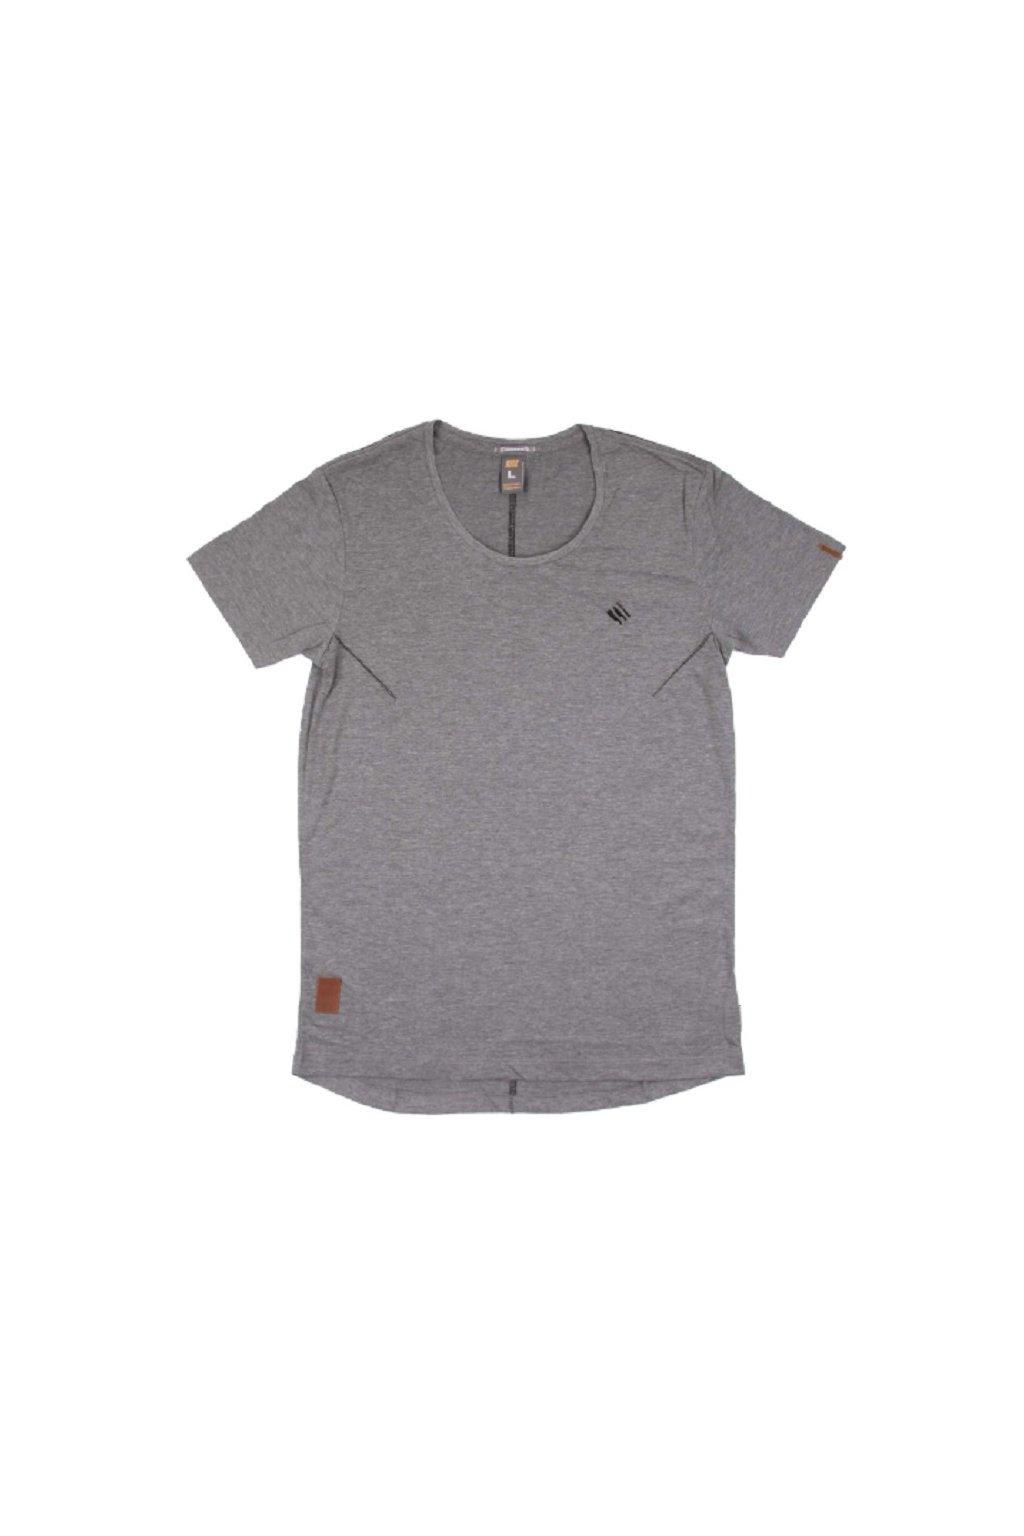 Pánské triko Goodness Industries CHARLY šedá obr1